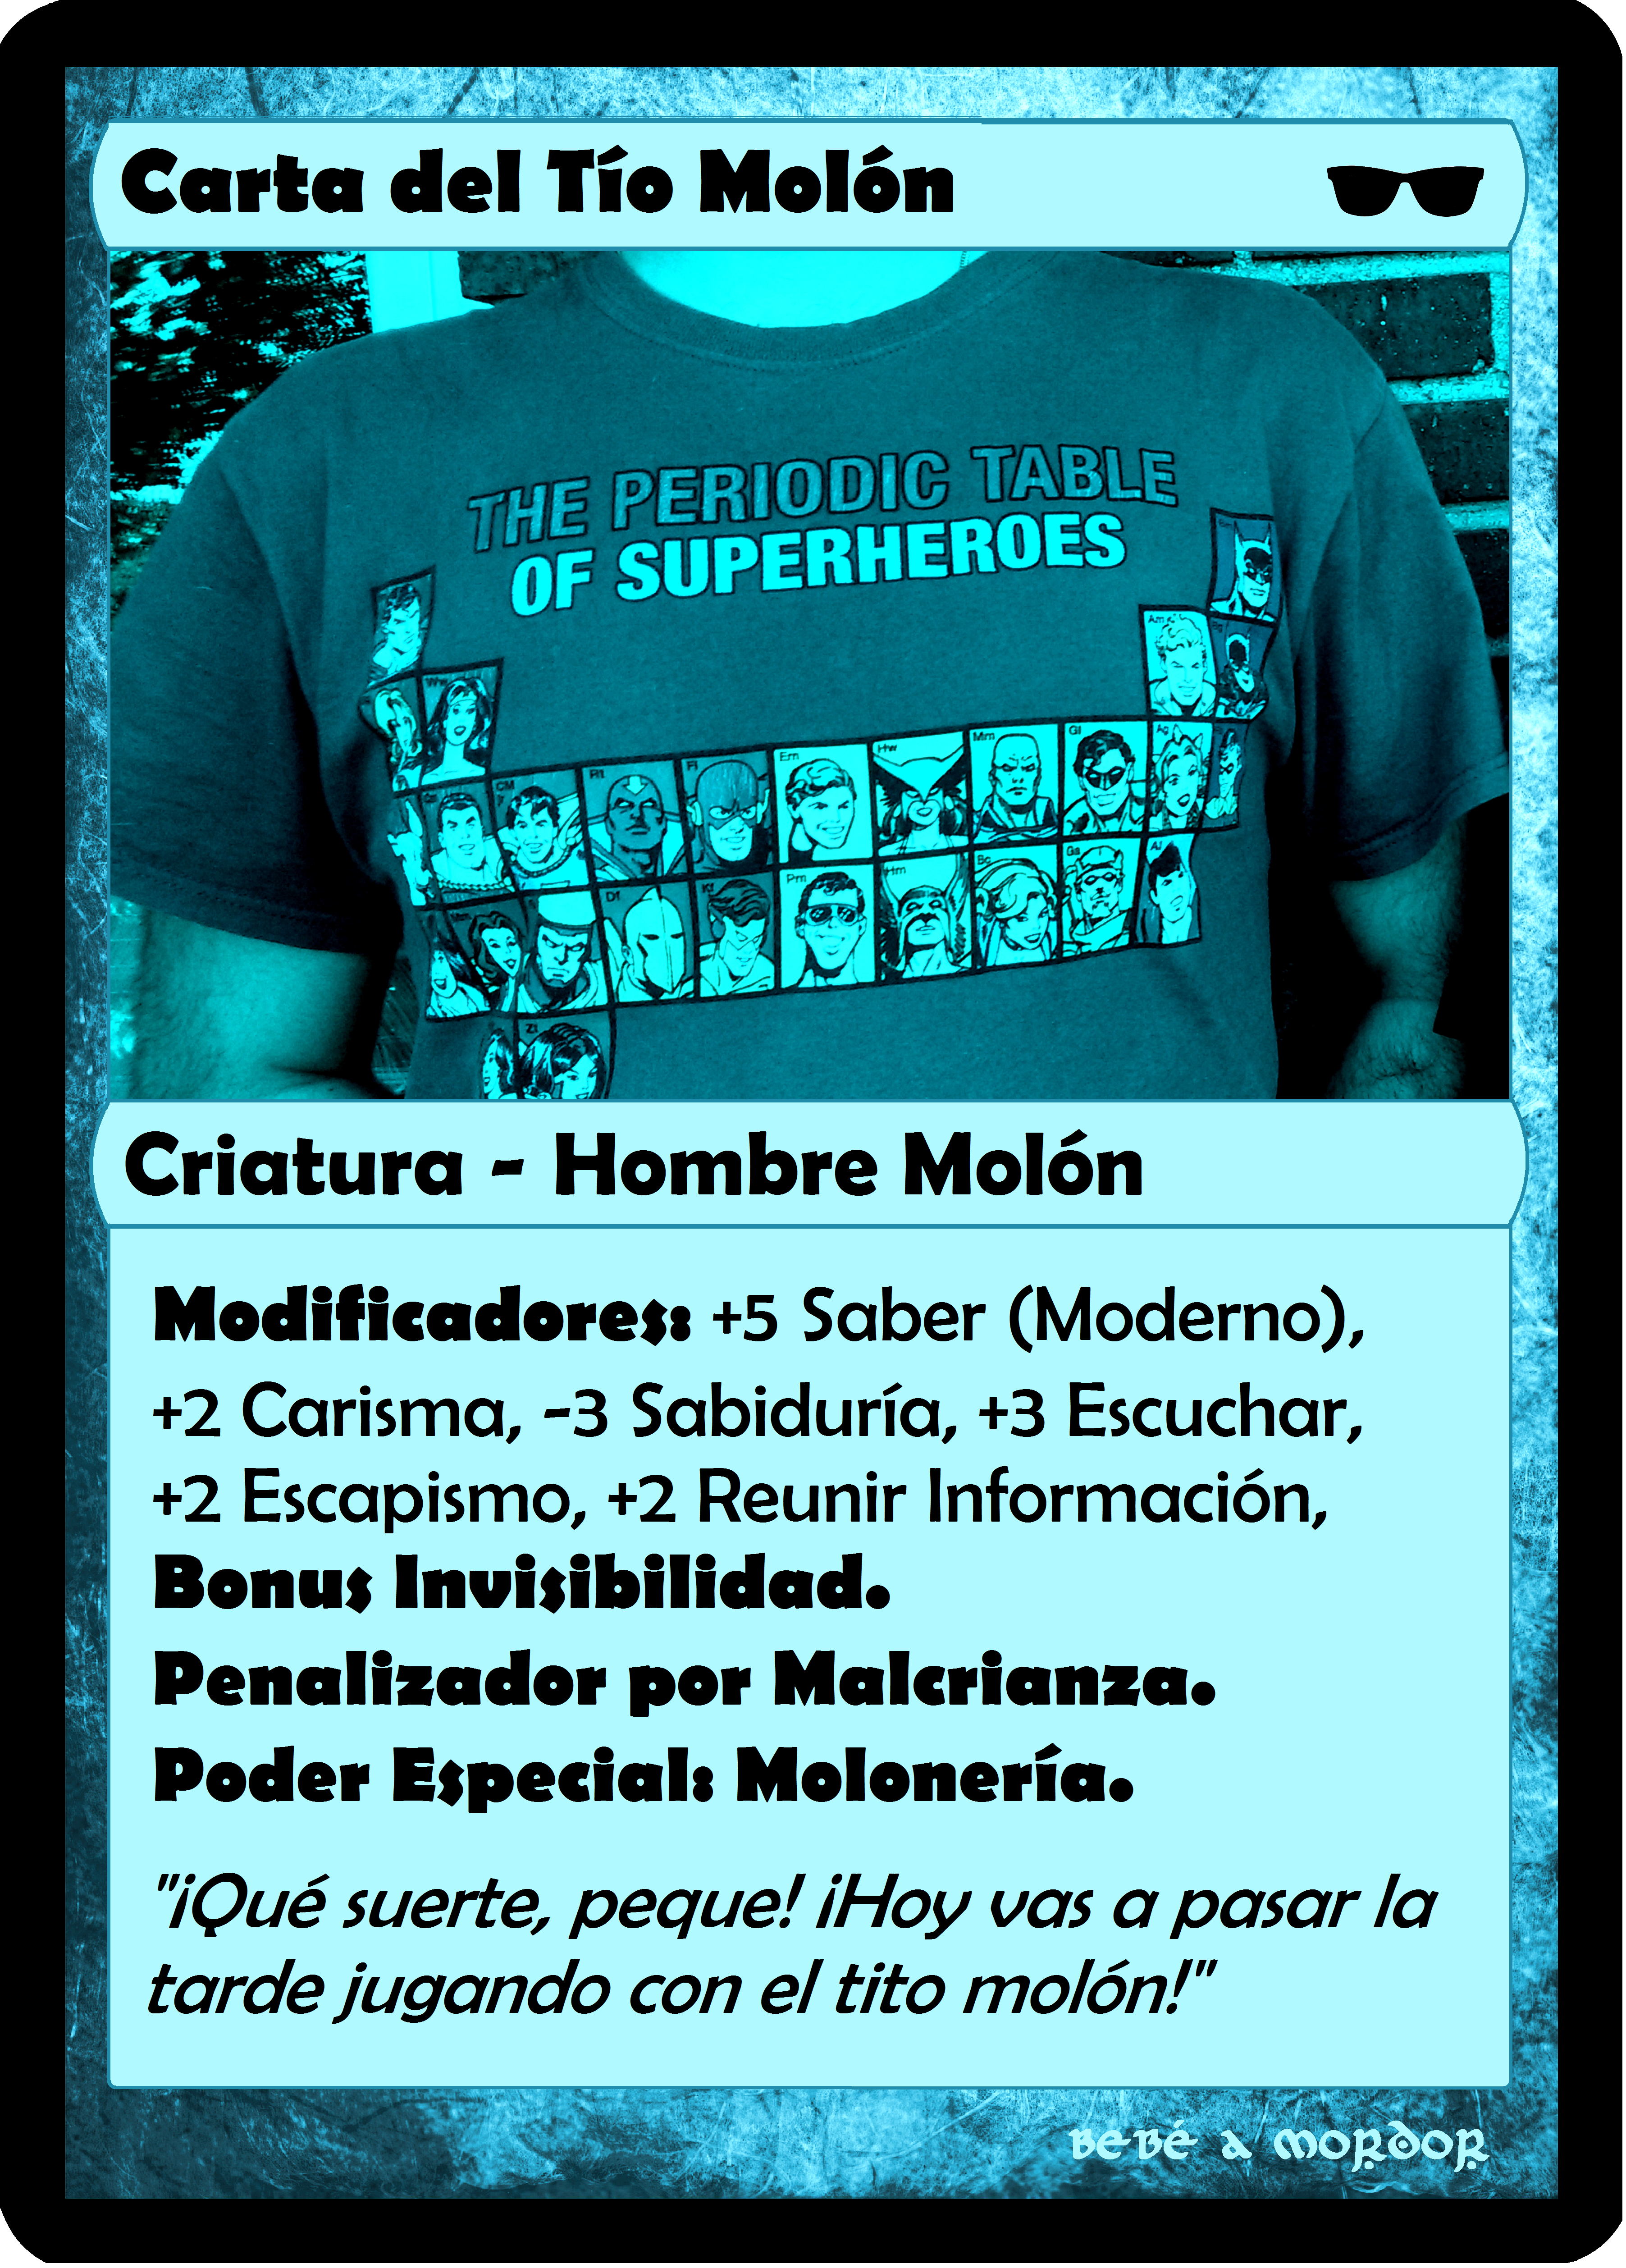 """Carta en tono azul con enumeración de modificadores. Imagen de la camiseta de un hombre con la """"tabla periódica de superhéroes"""". Frase """"¡Qué suerte, peque! ¡Hoy vas a pasar la tarde jugando con el tito molón!"""""""